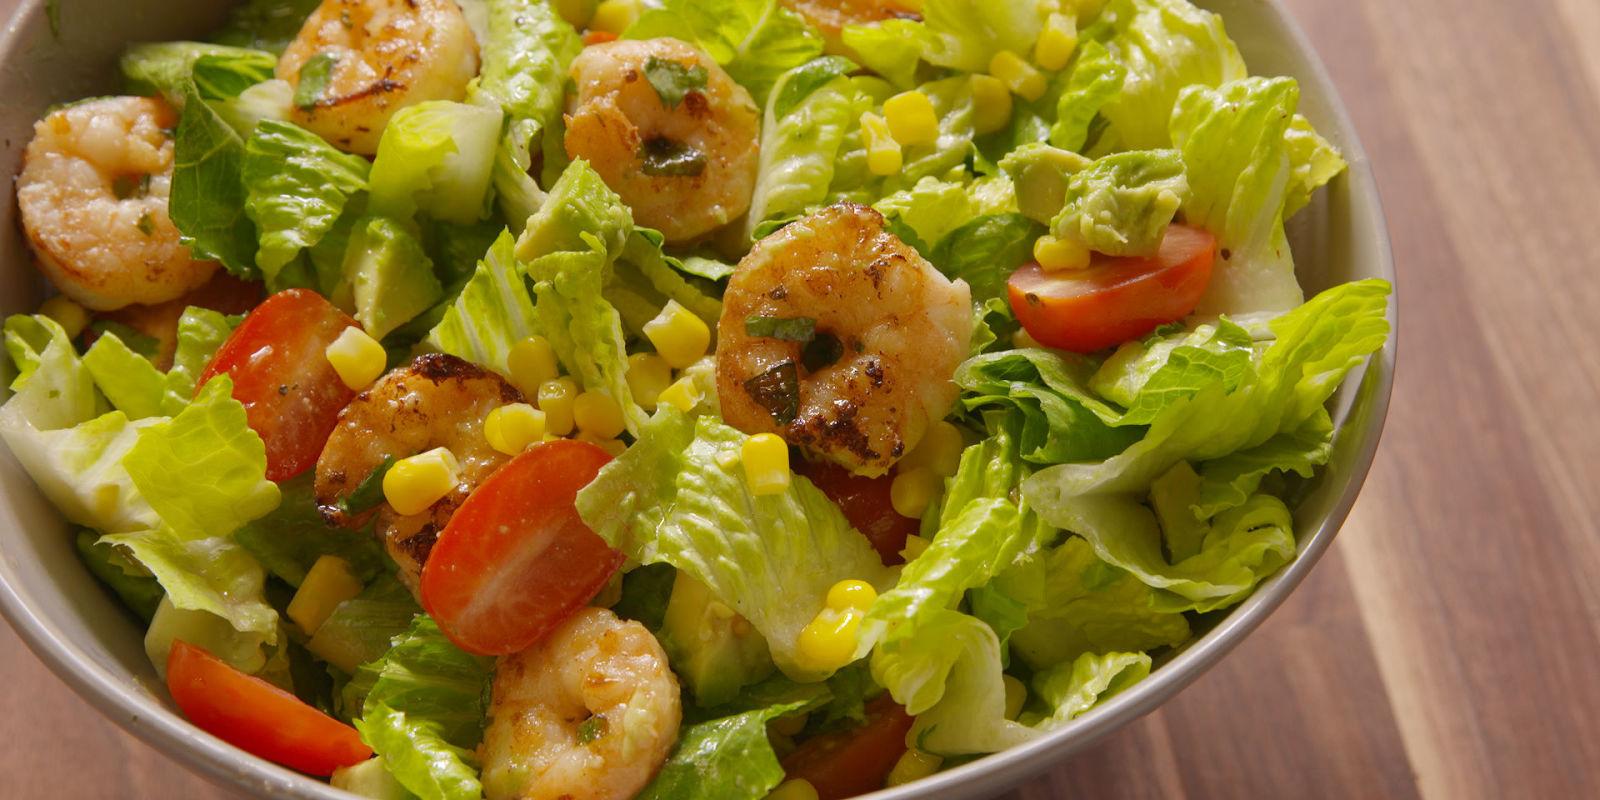 Best Shrimp Taco Salad Recipe - How To Make Shrimp Taco Salad